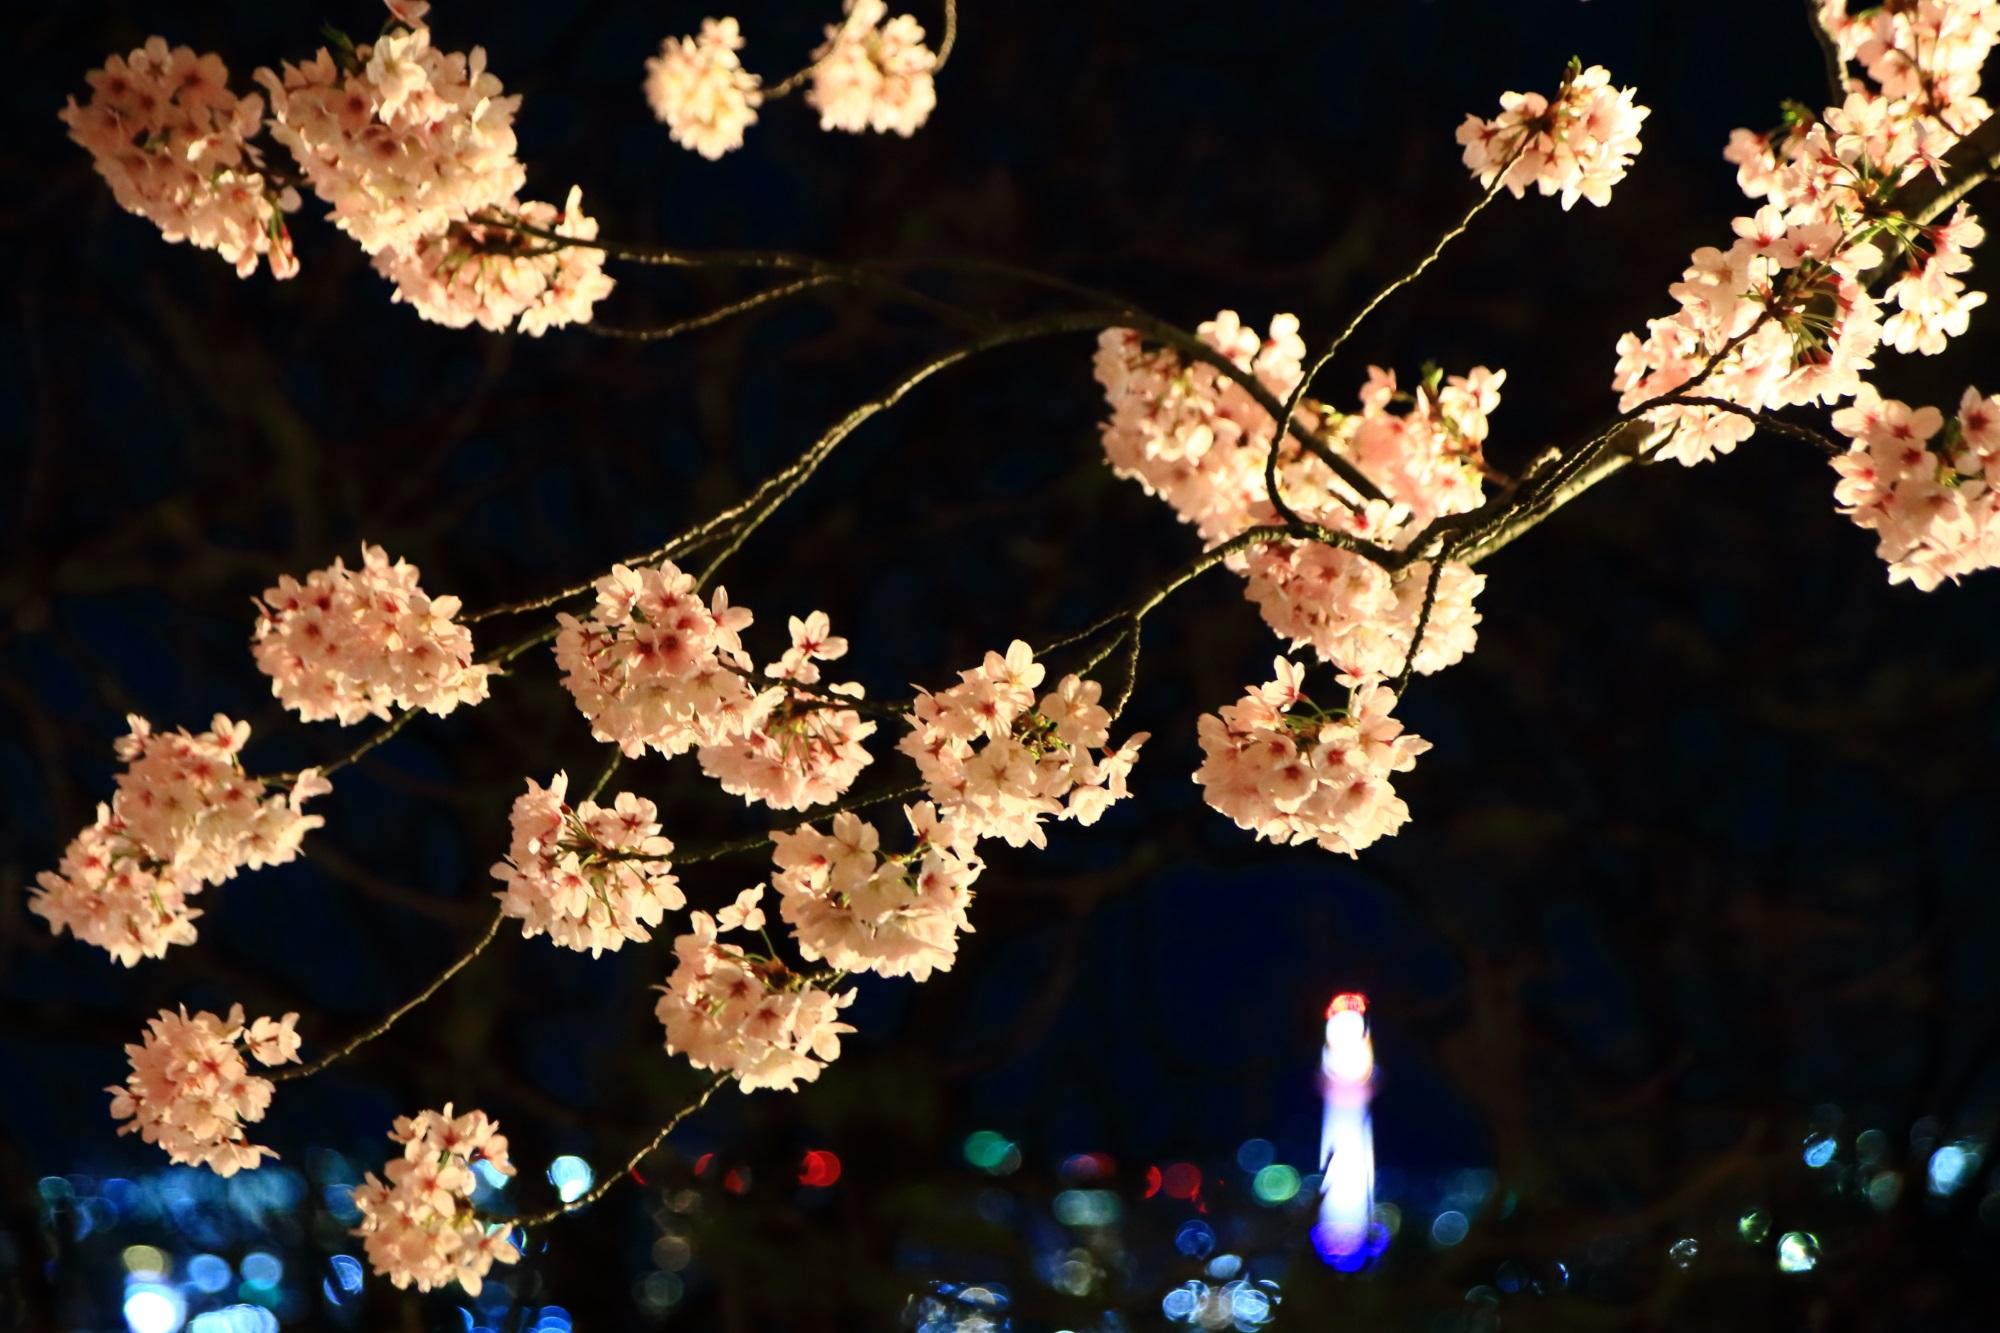 見事に咲き誇る夜桜とうっすら見える京都タワー